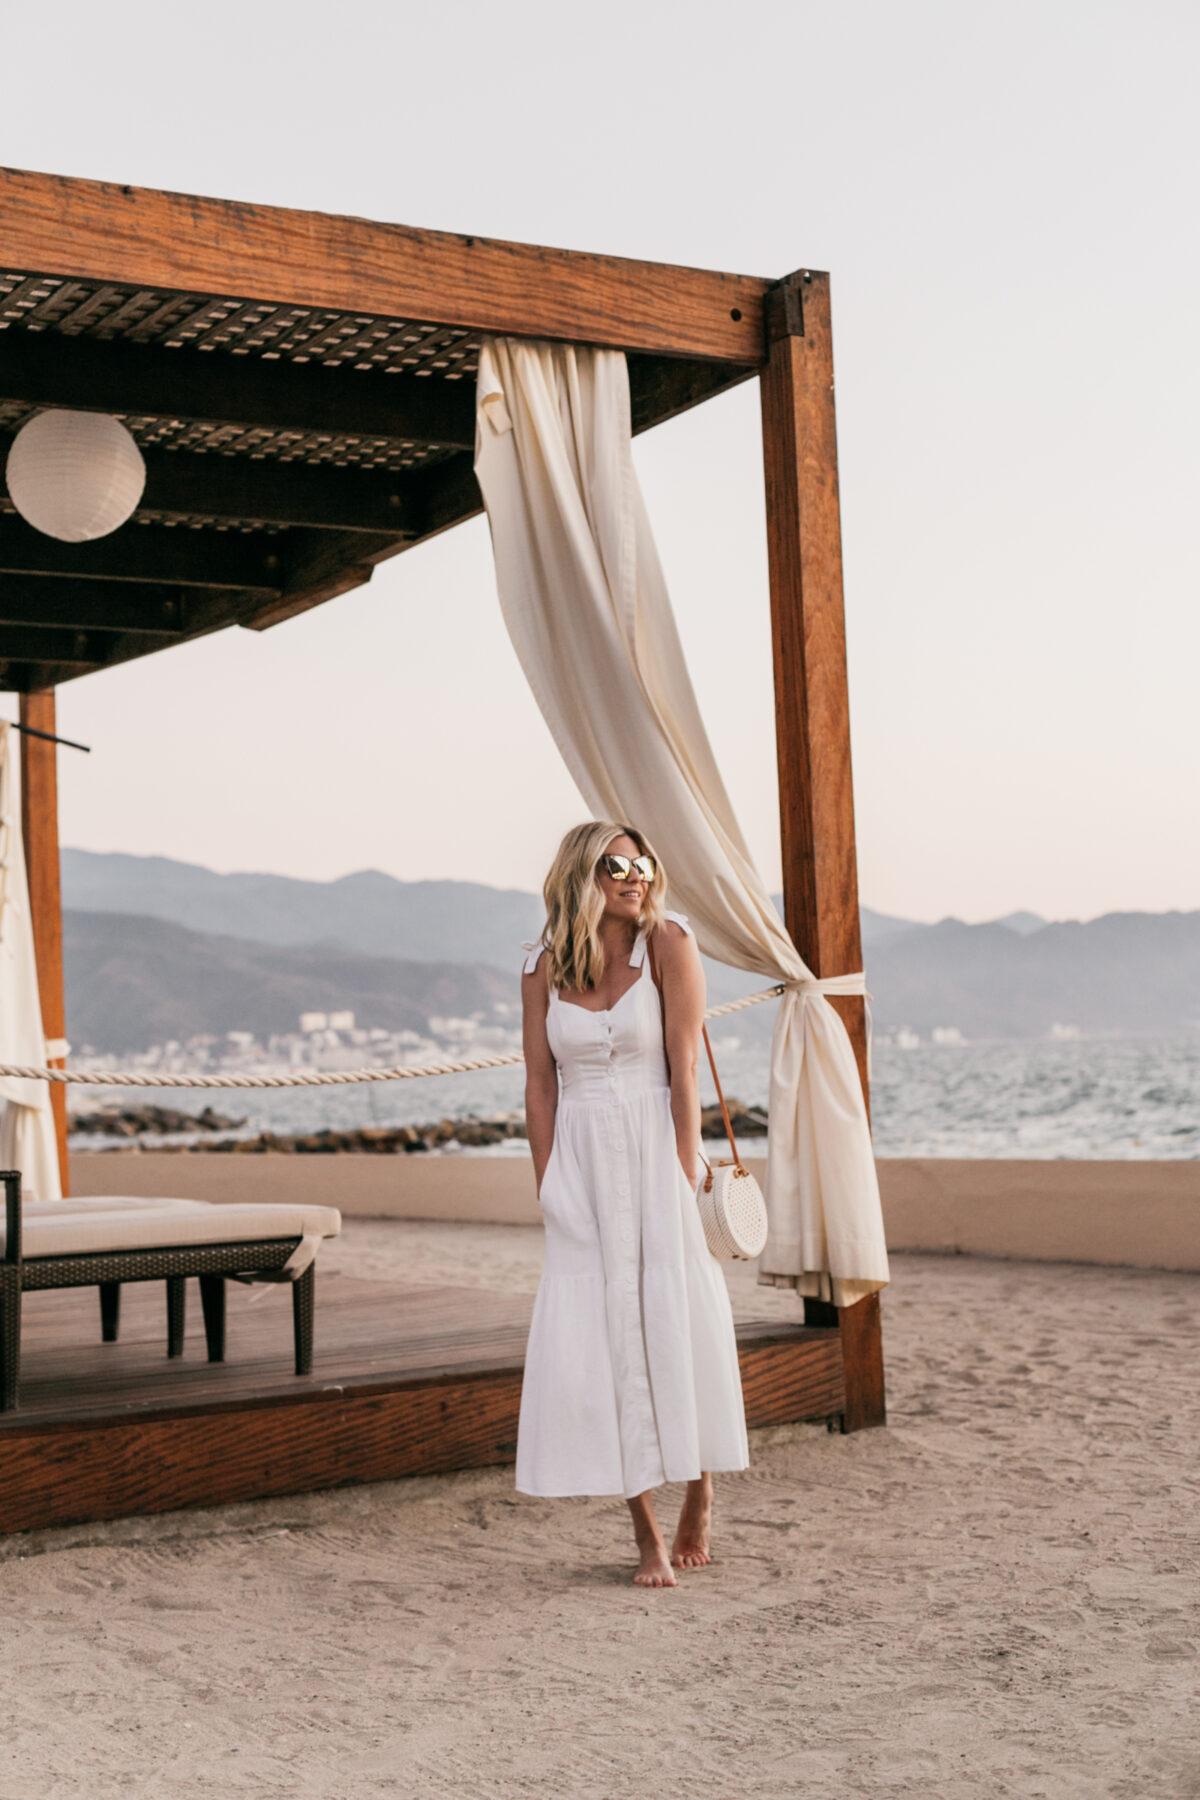 resort wear style ideas